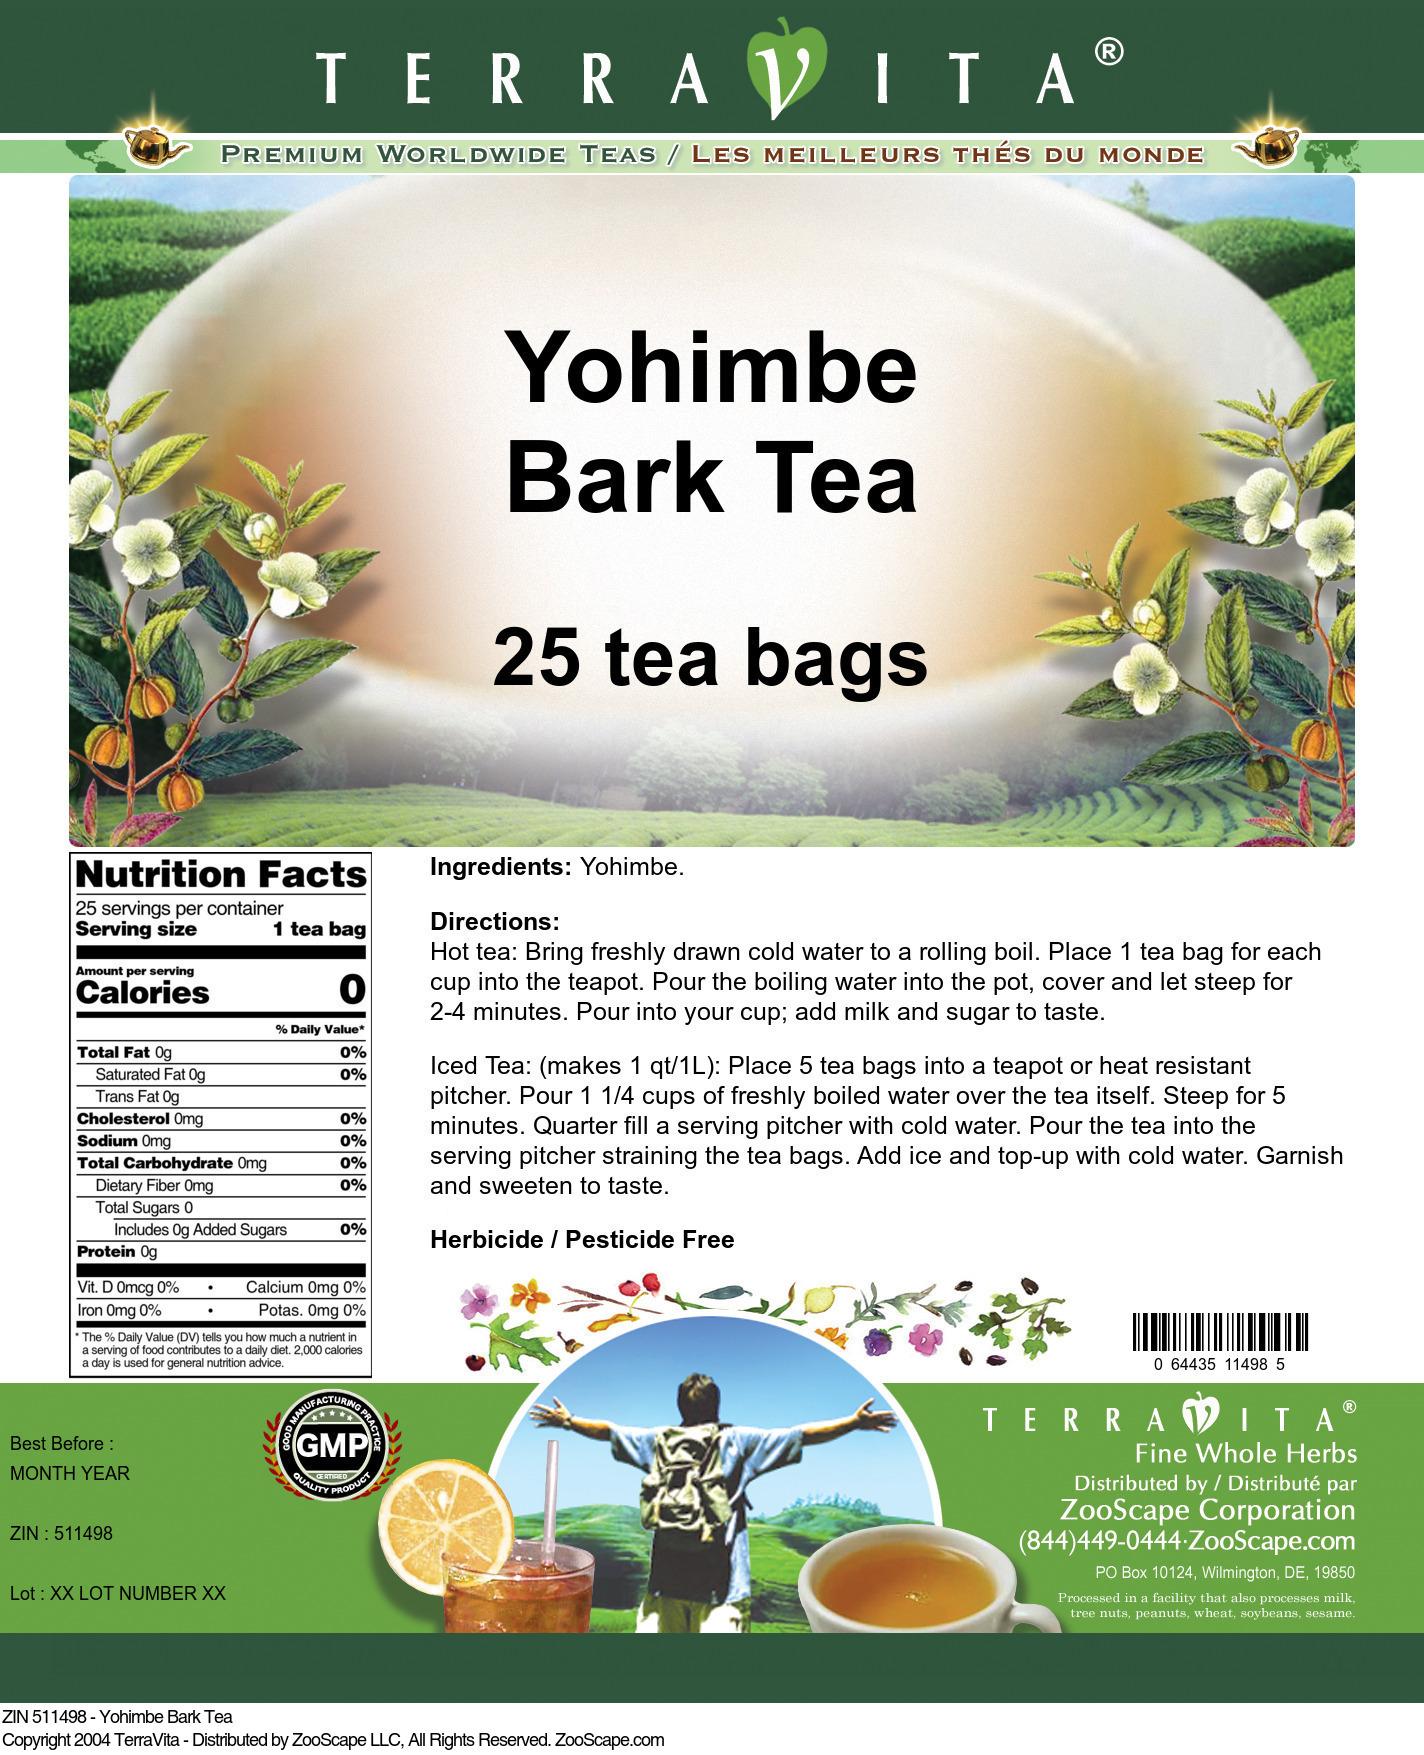 Yohimbe Bark Tea